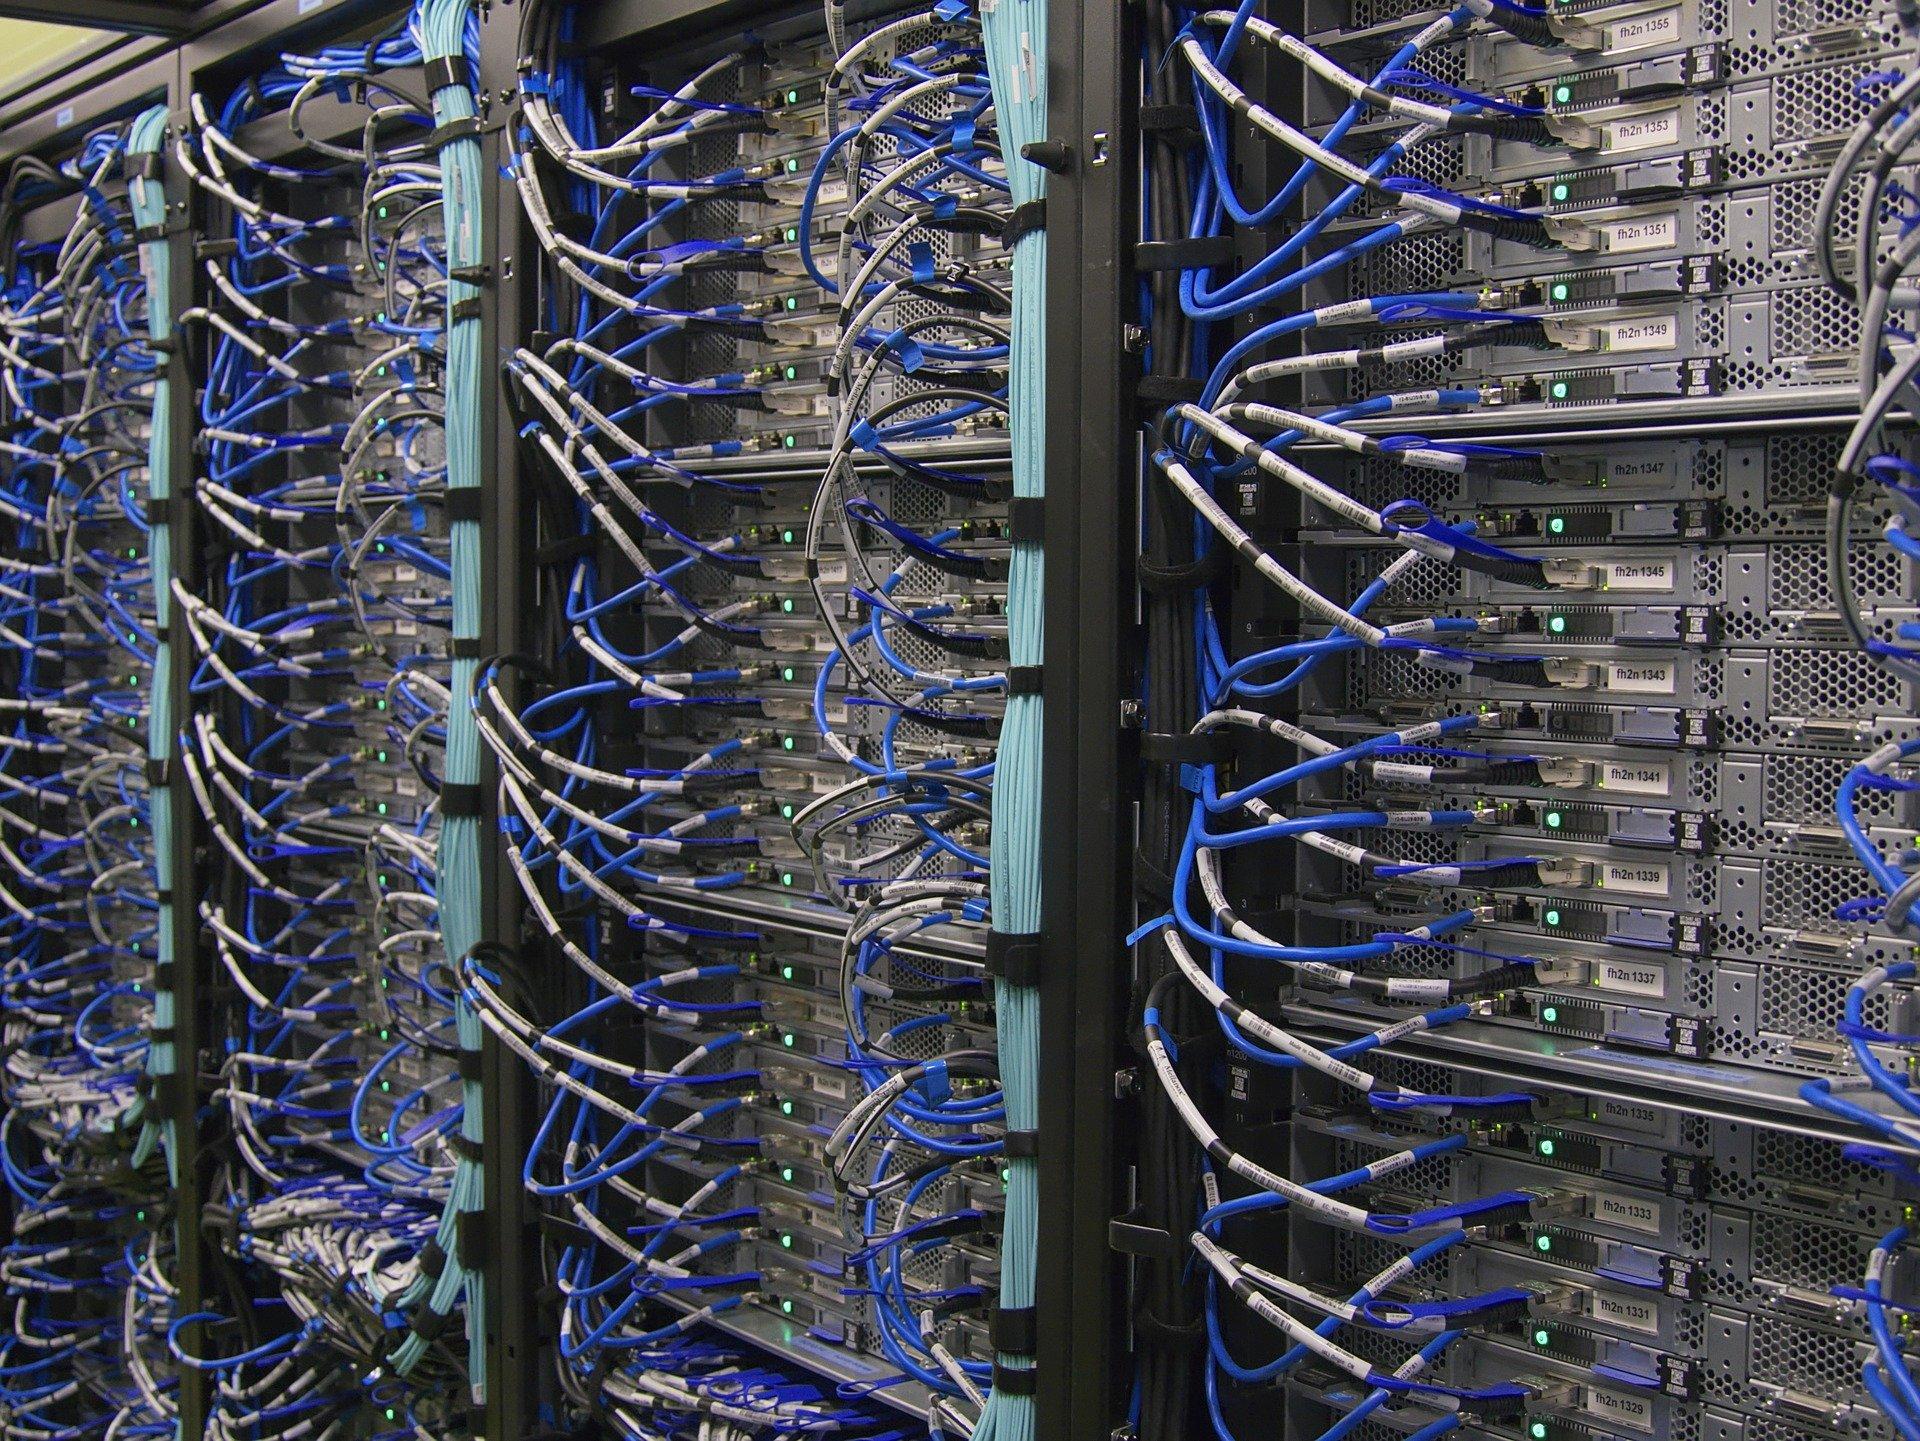 L'importance de la maintenance informatique pour les entreprises